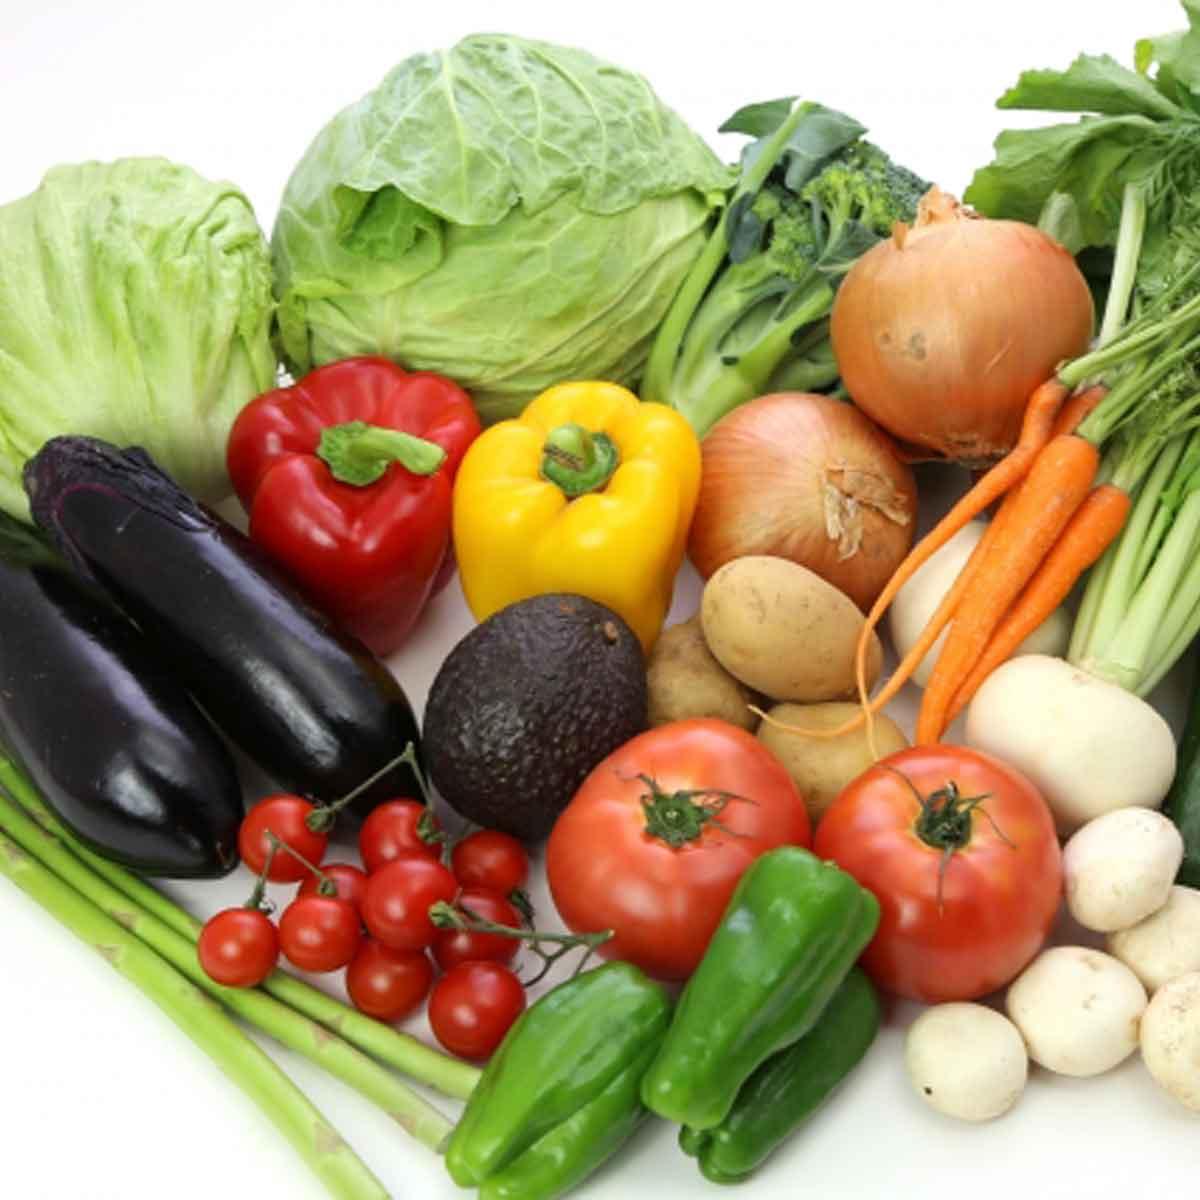 白内障予防におすすめな食材アイキャッチ画像